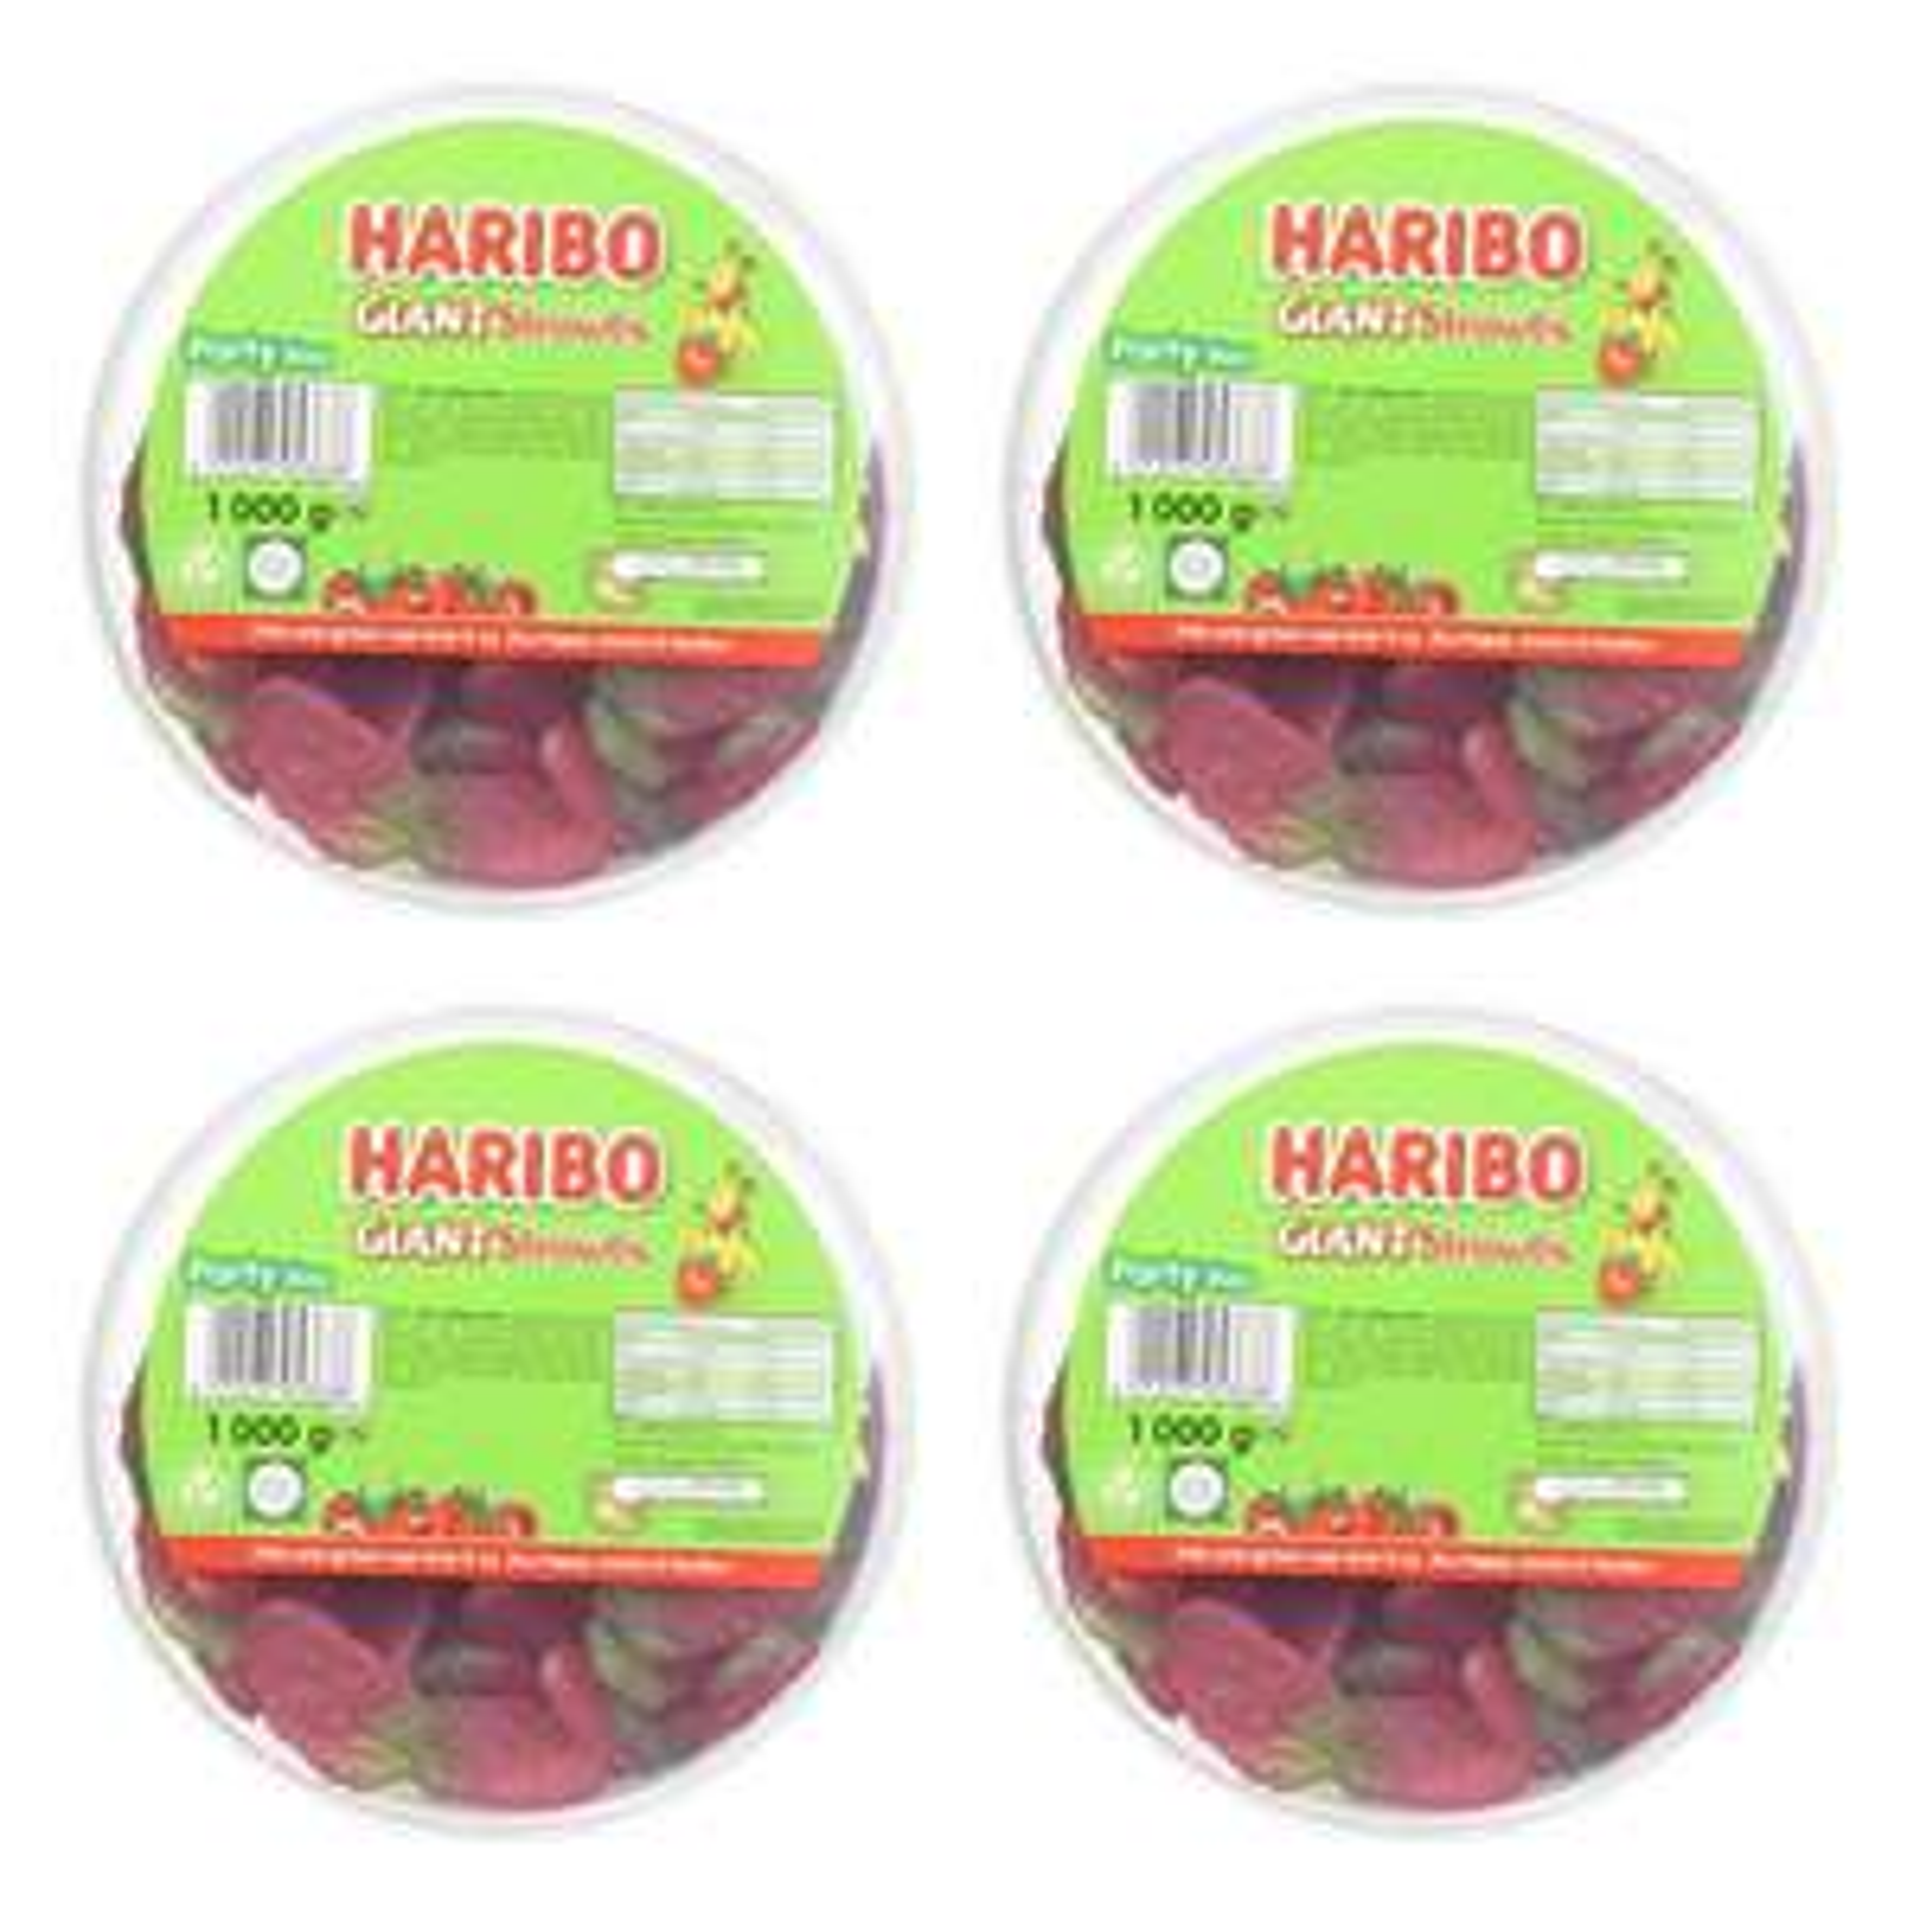 Haribo Giant Strawbs Strawberry Bulk 4 x 1kg tubs £13.70 @ amazon (£4.49 p&p non prime) £11.65/£13.41 s&s